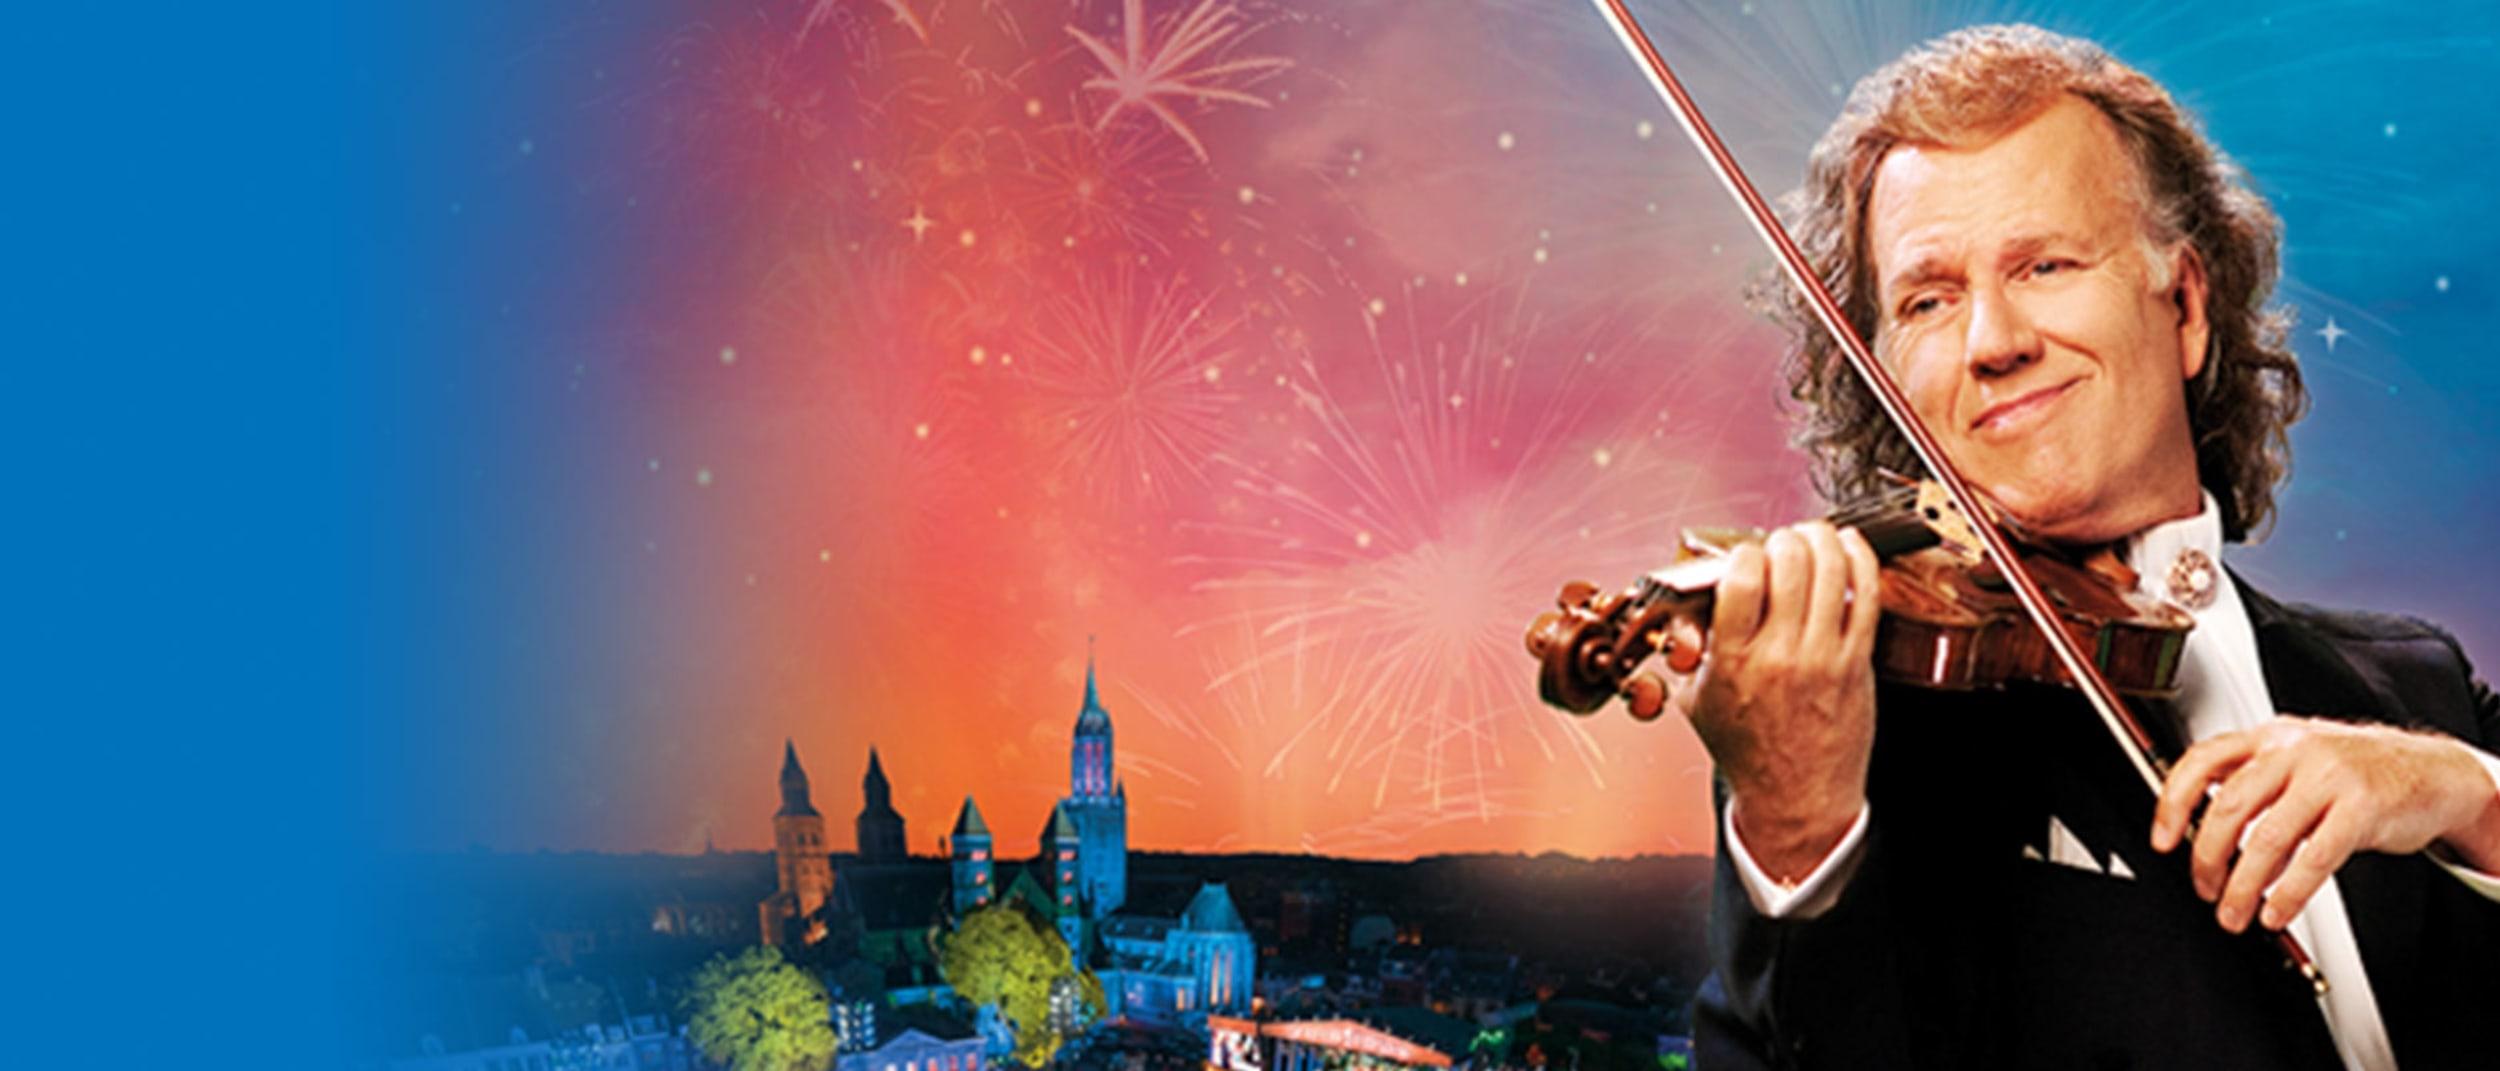 HOYTS: André Rieu 2018 Maastricht Concert